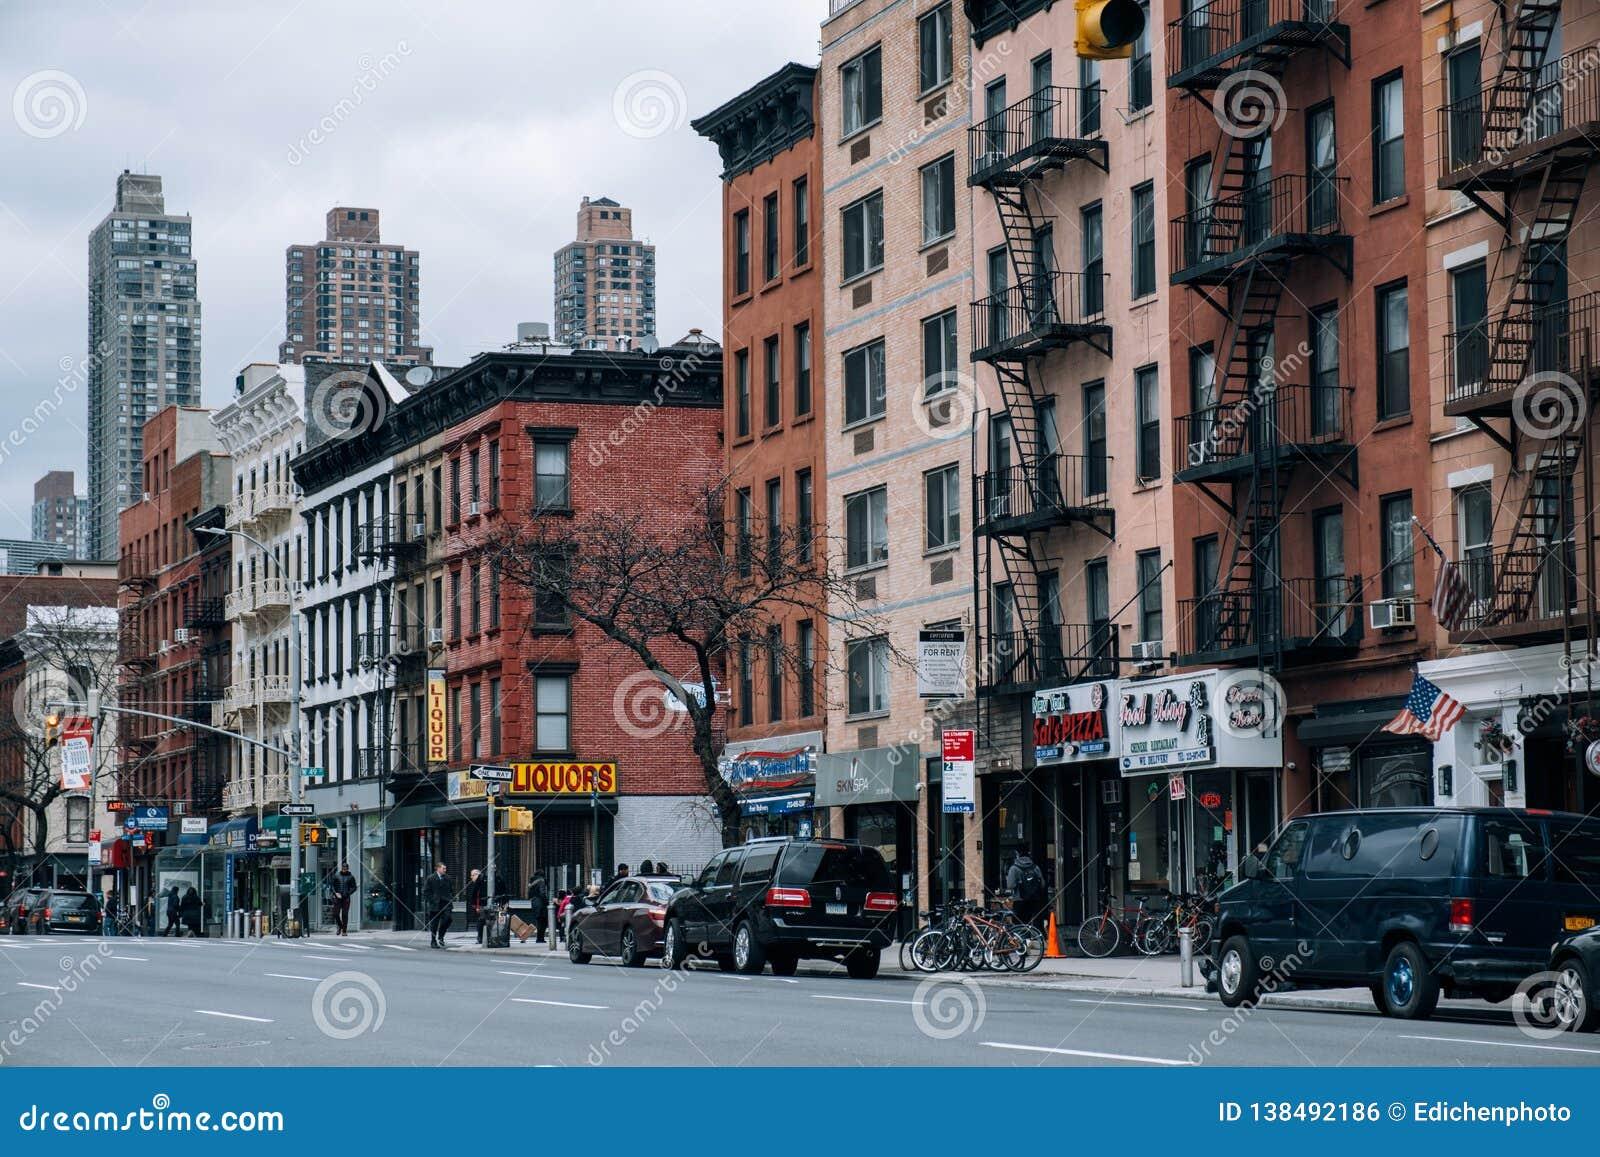 Restauracja, starzy budynki, witryna sklepowa piekło Kuchenna uliczna scena w zachodniej stronie środek miasta Manhattan